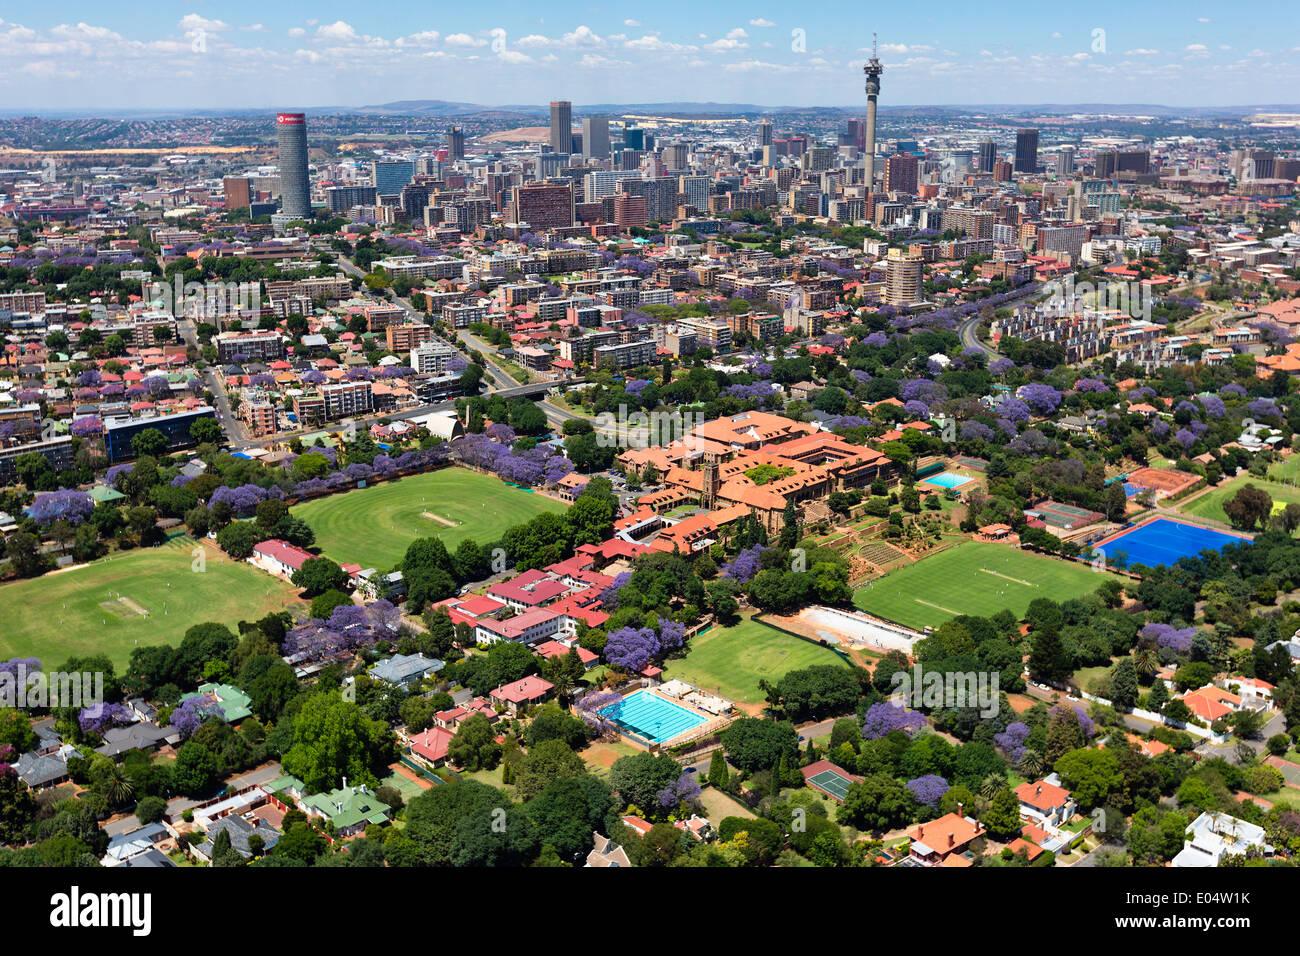 Vue aérienne de St John's College, Houghton.Johannesburg Afrique du Sud. Banque D'Images